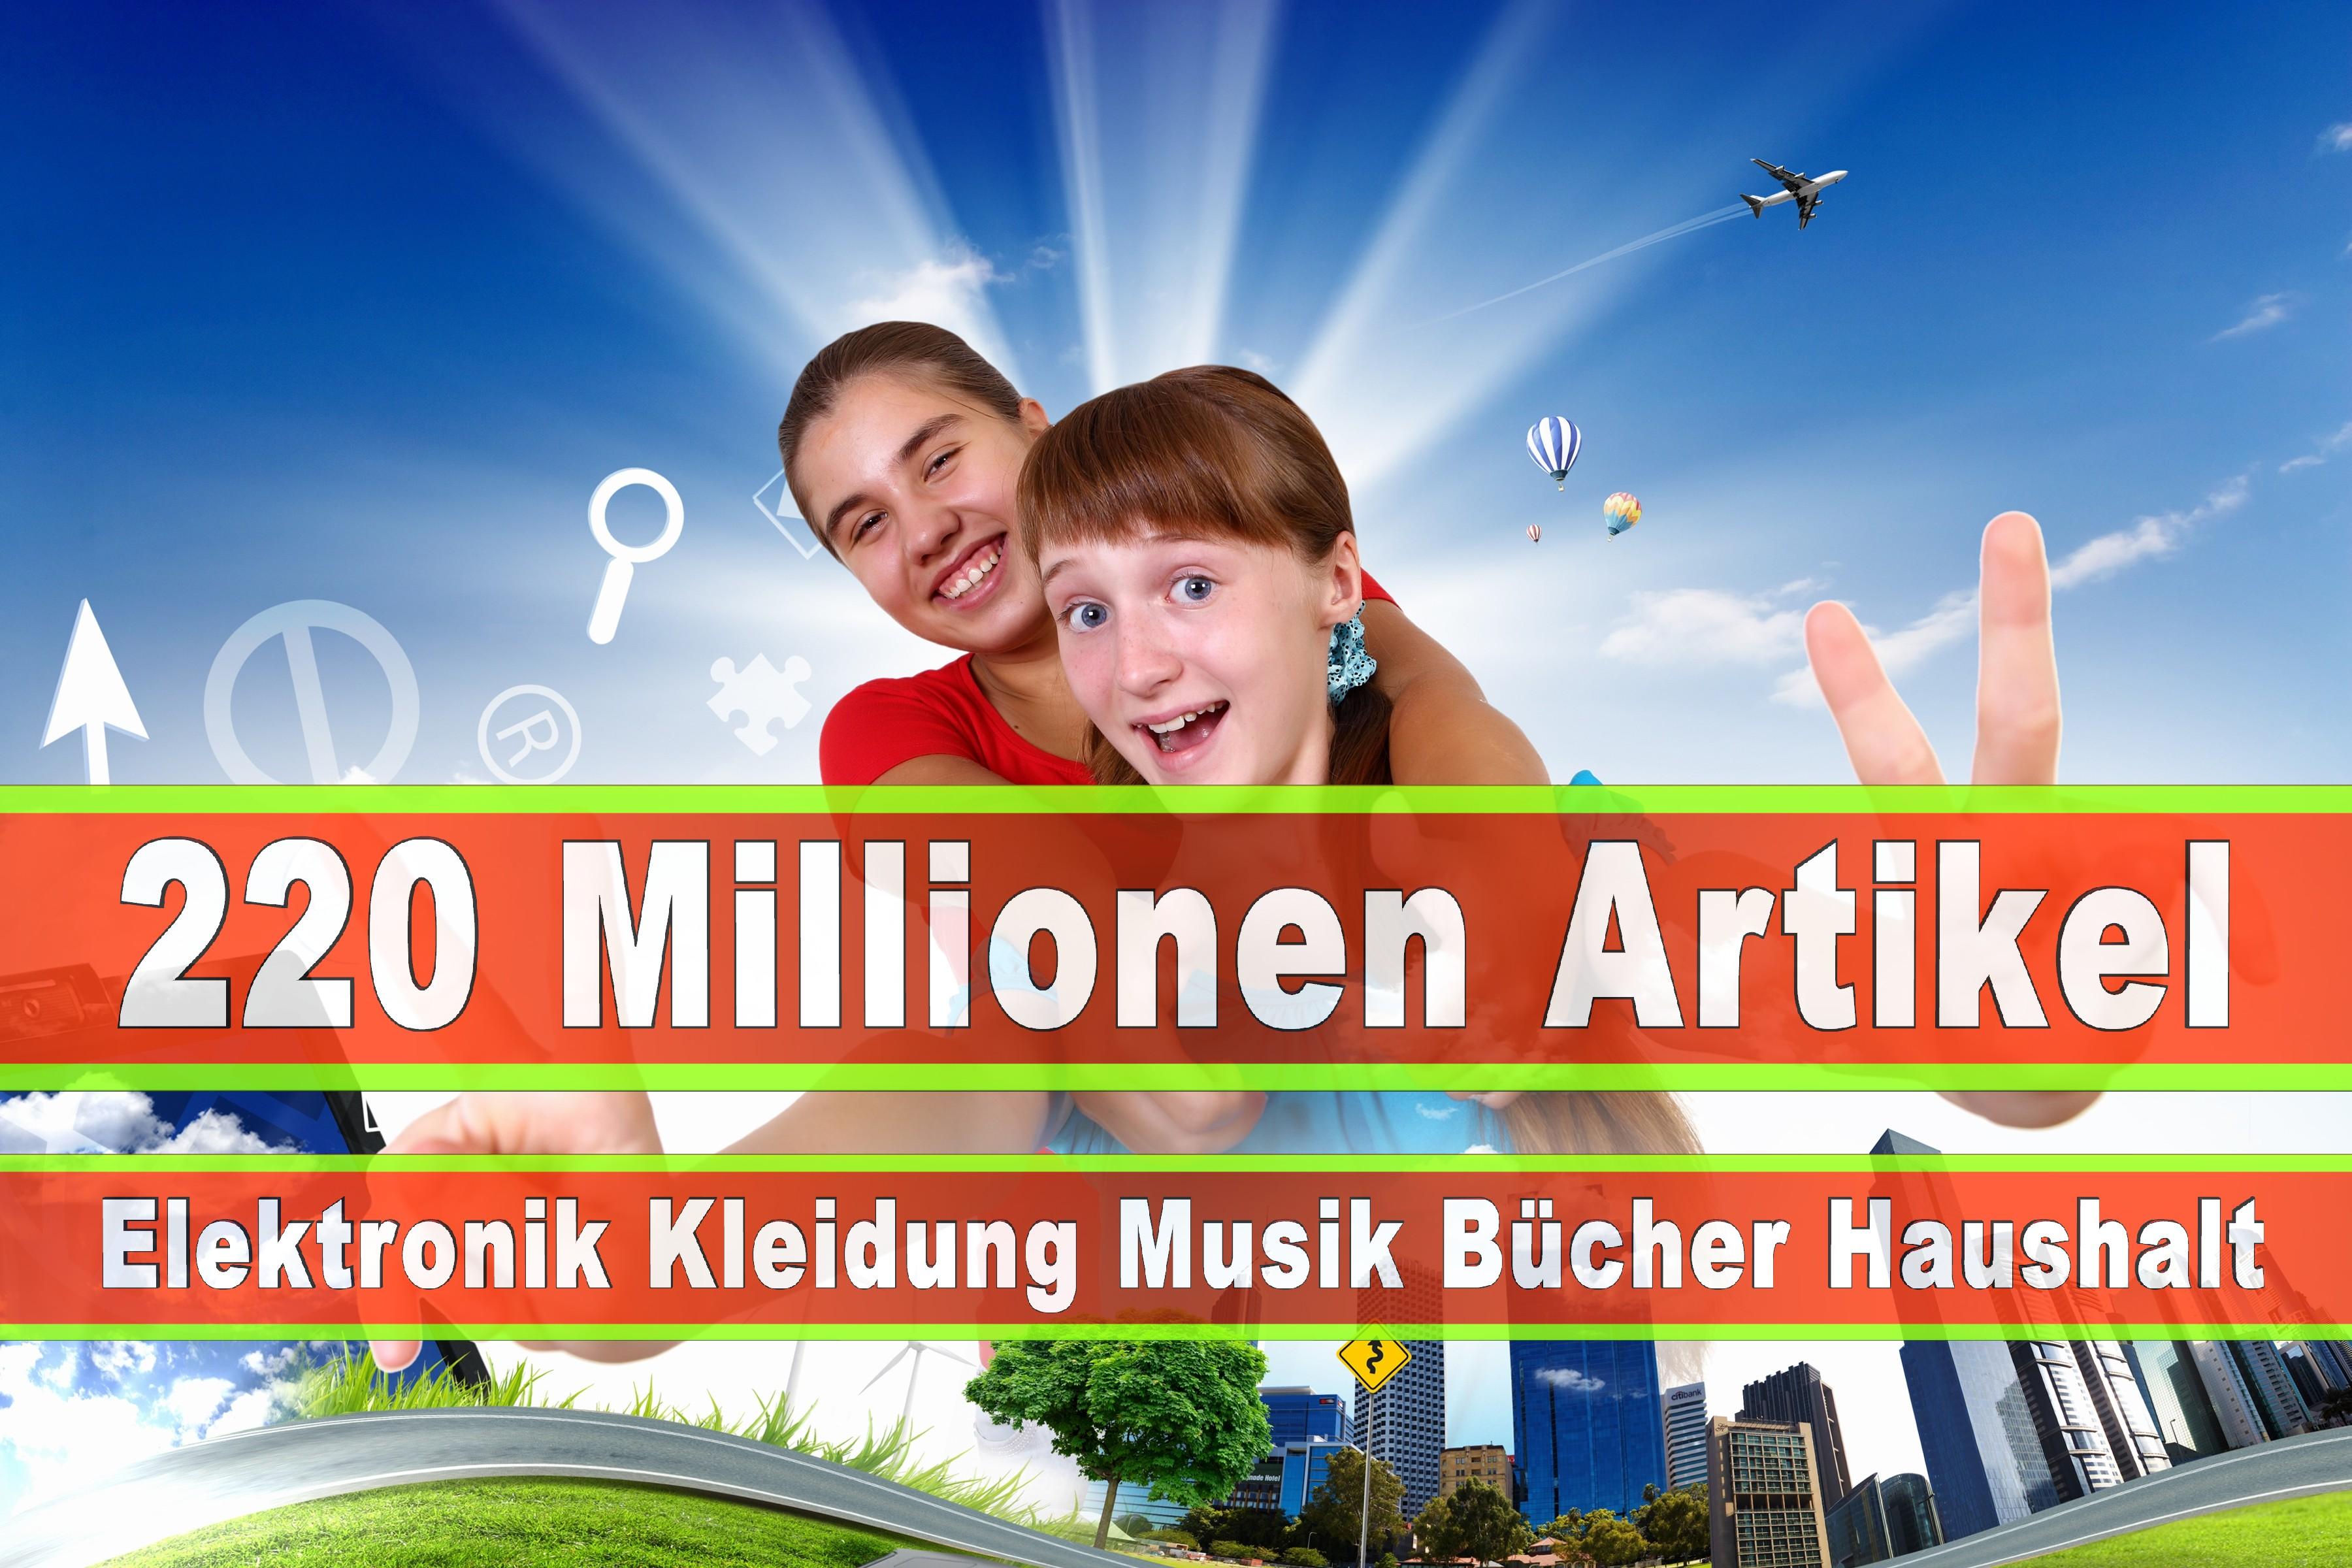 Amazon Elektronik Musik Haushalt Bücher CD DVD Handys Smartphones TV Television Fernseher Kleidung Mode Ebay Versandhaus (189)